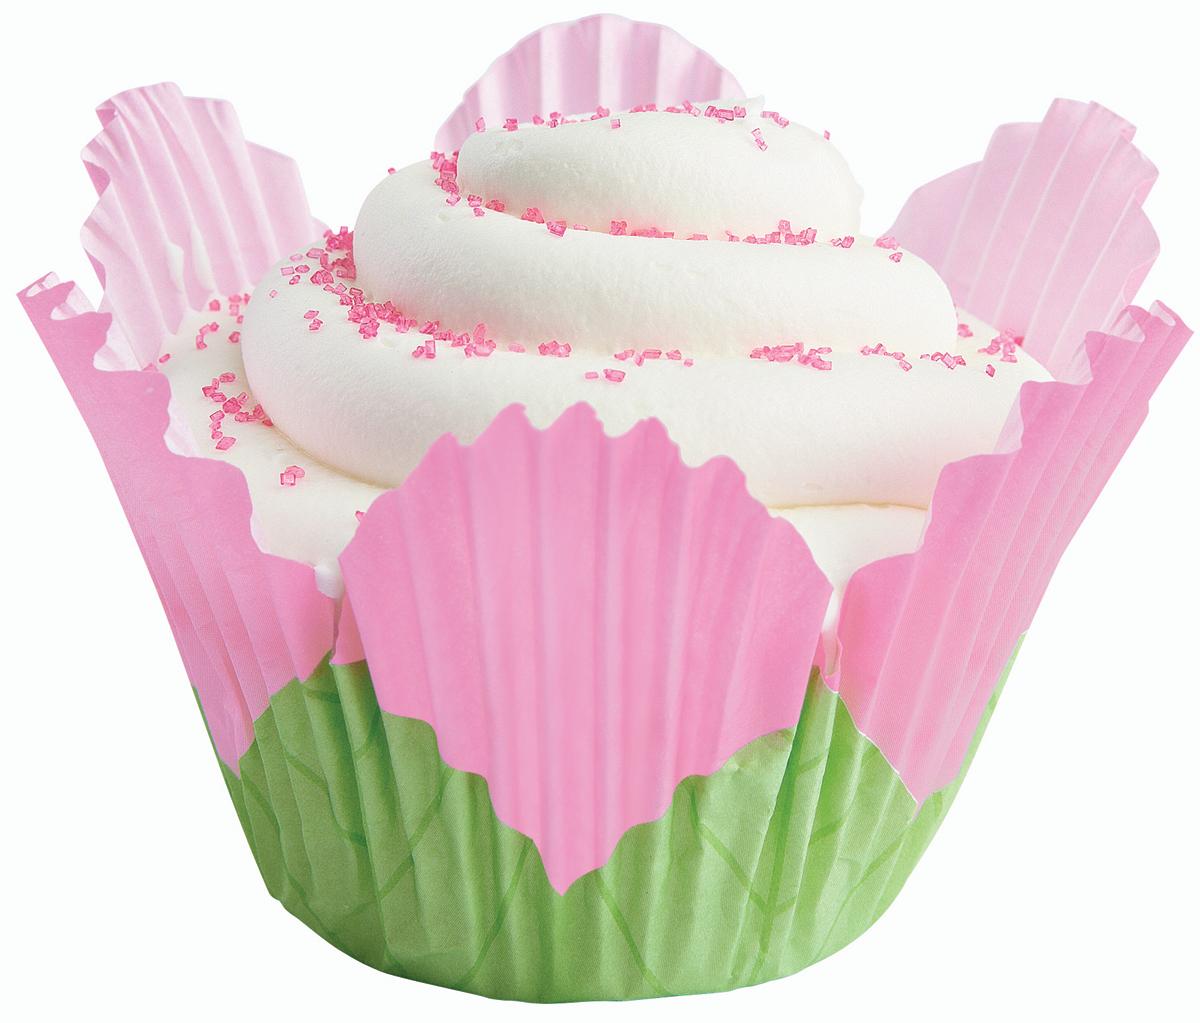 Fancy Standard Baking Cups-Petal Pink 24/Pkg